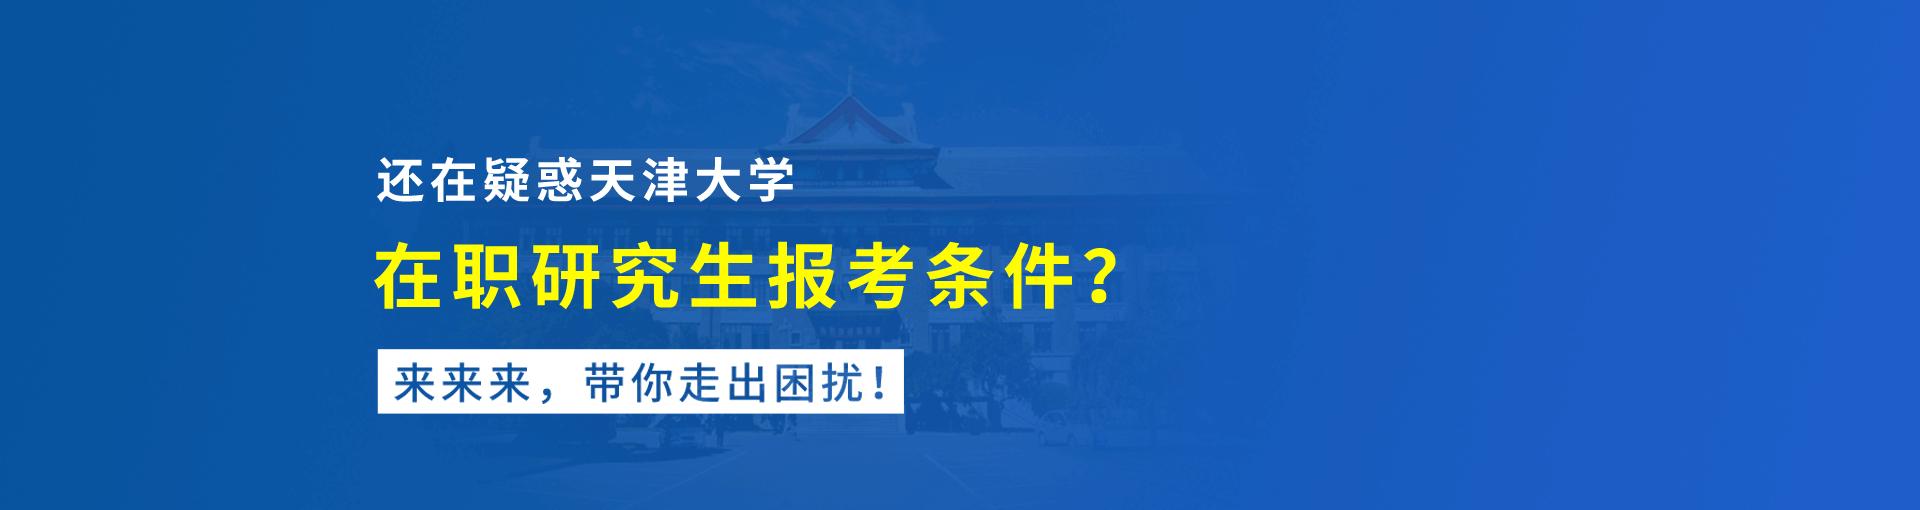 2019年天津大学在职研究生报考条件是什么?